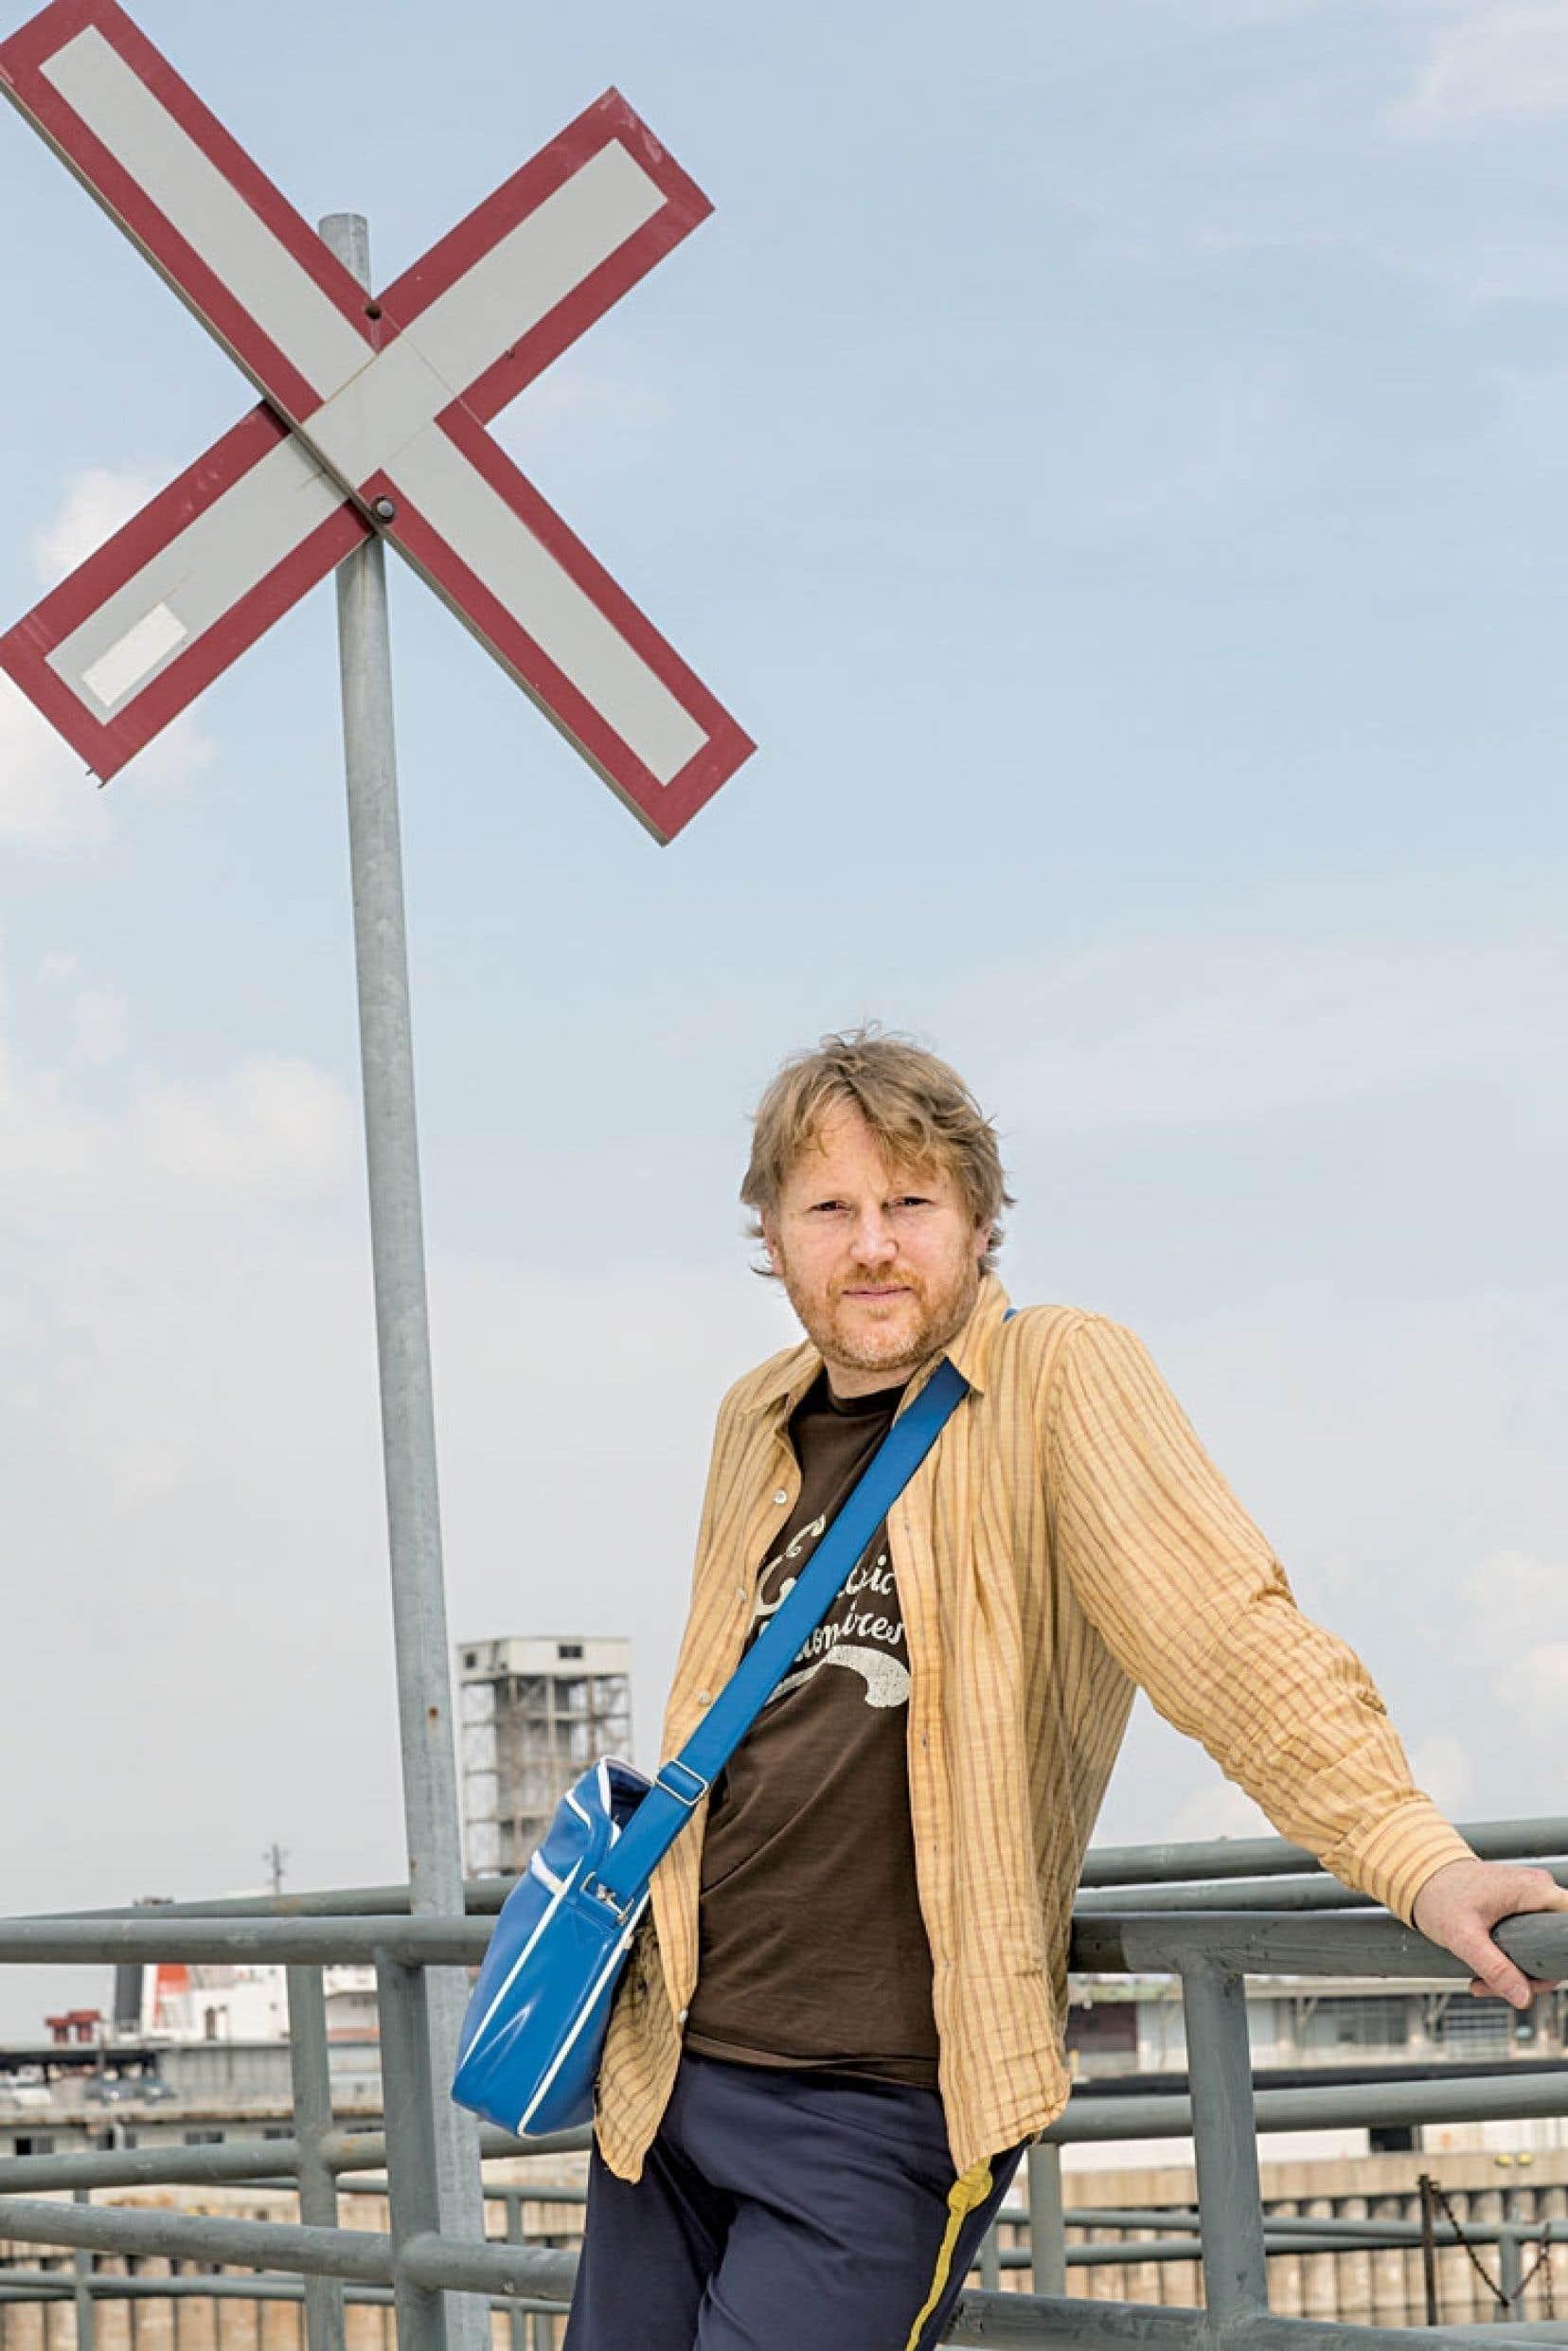 En 2011, Stephen Bain avait été captivé par l'ancien Montréal révélé au musée Pointe-à-Callière.